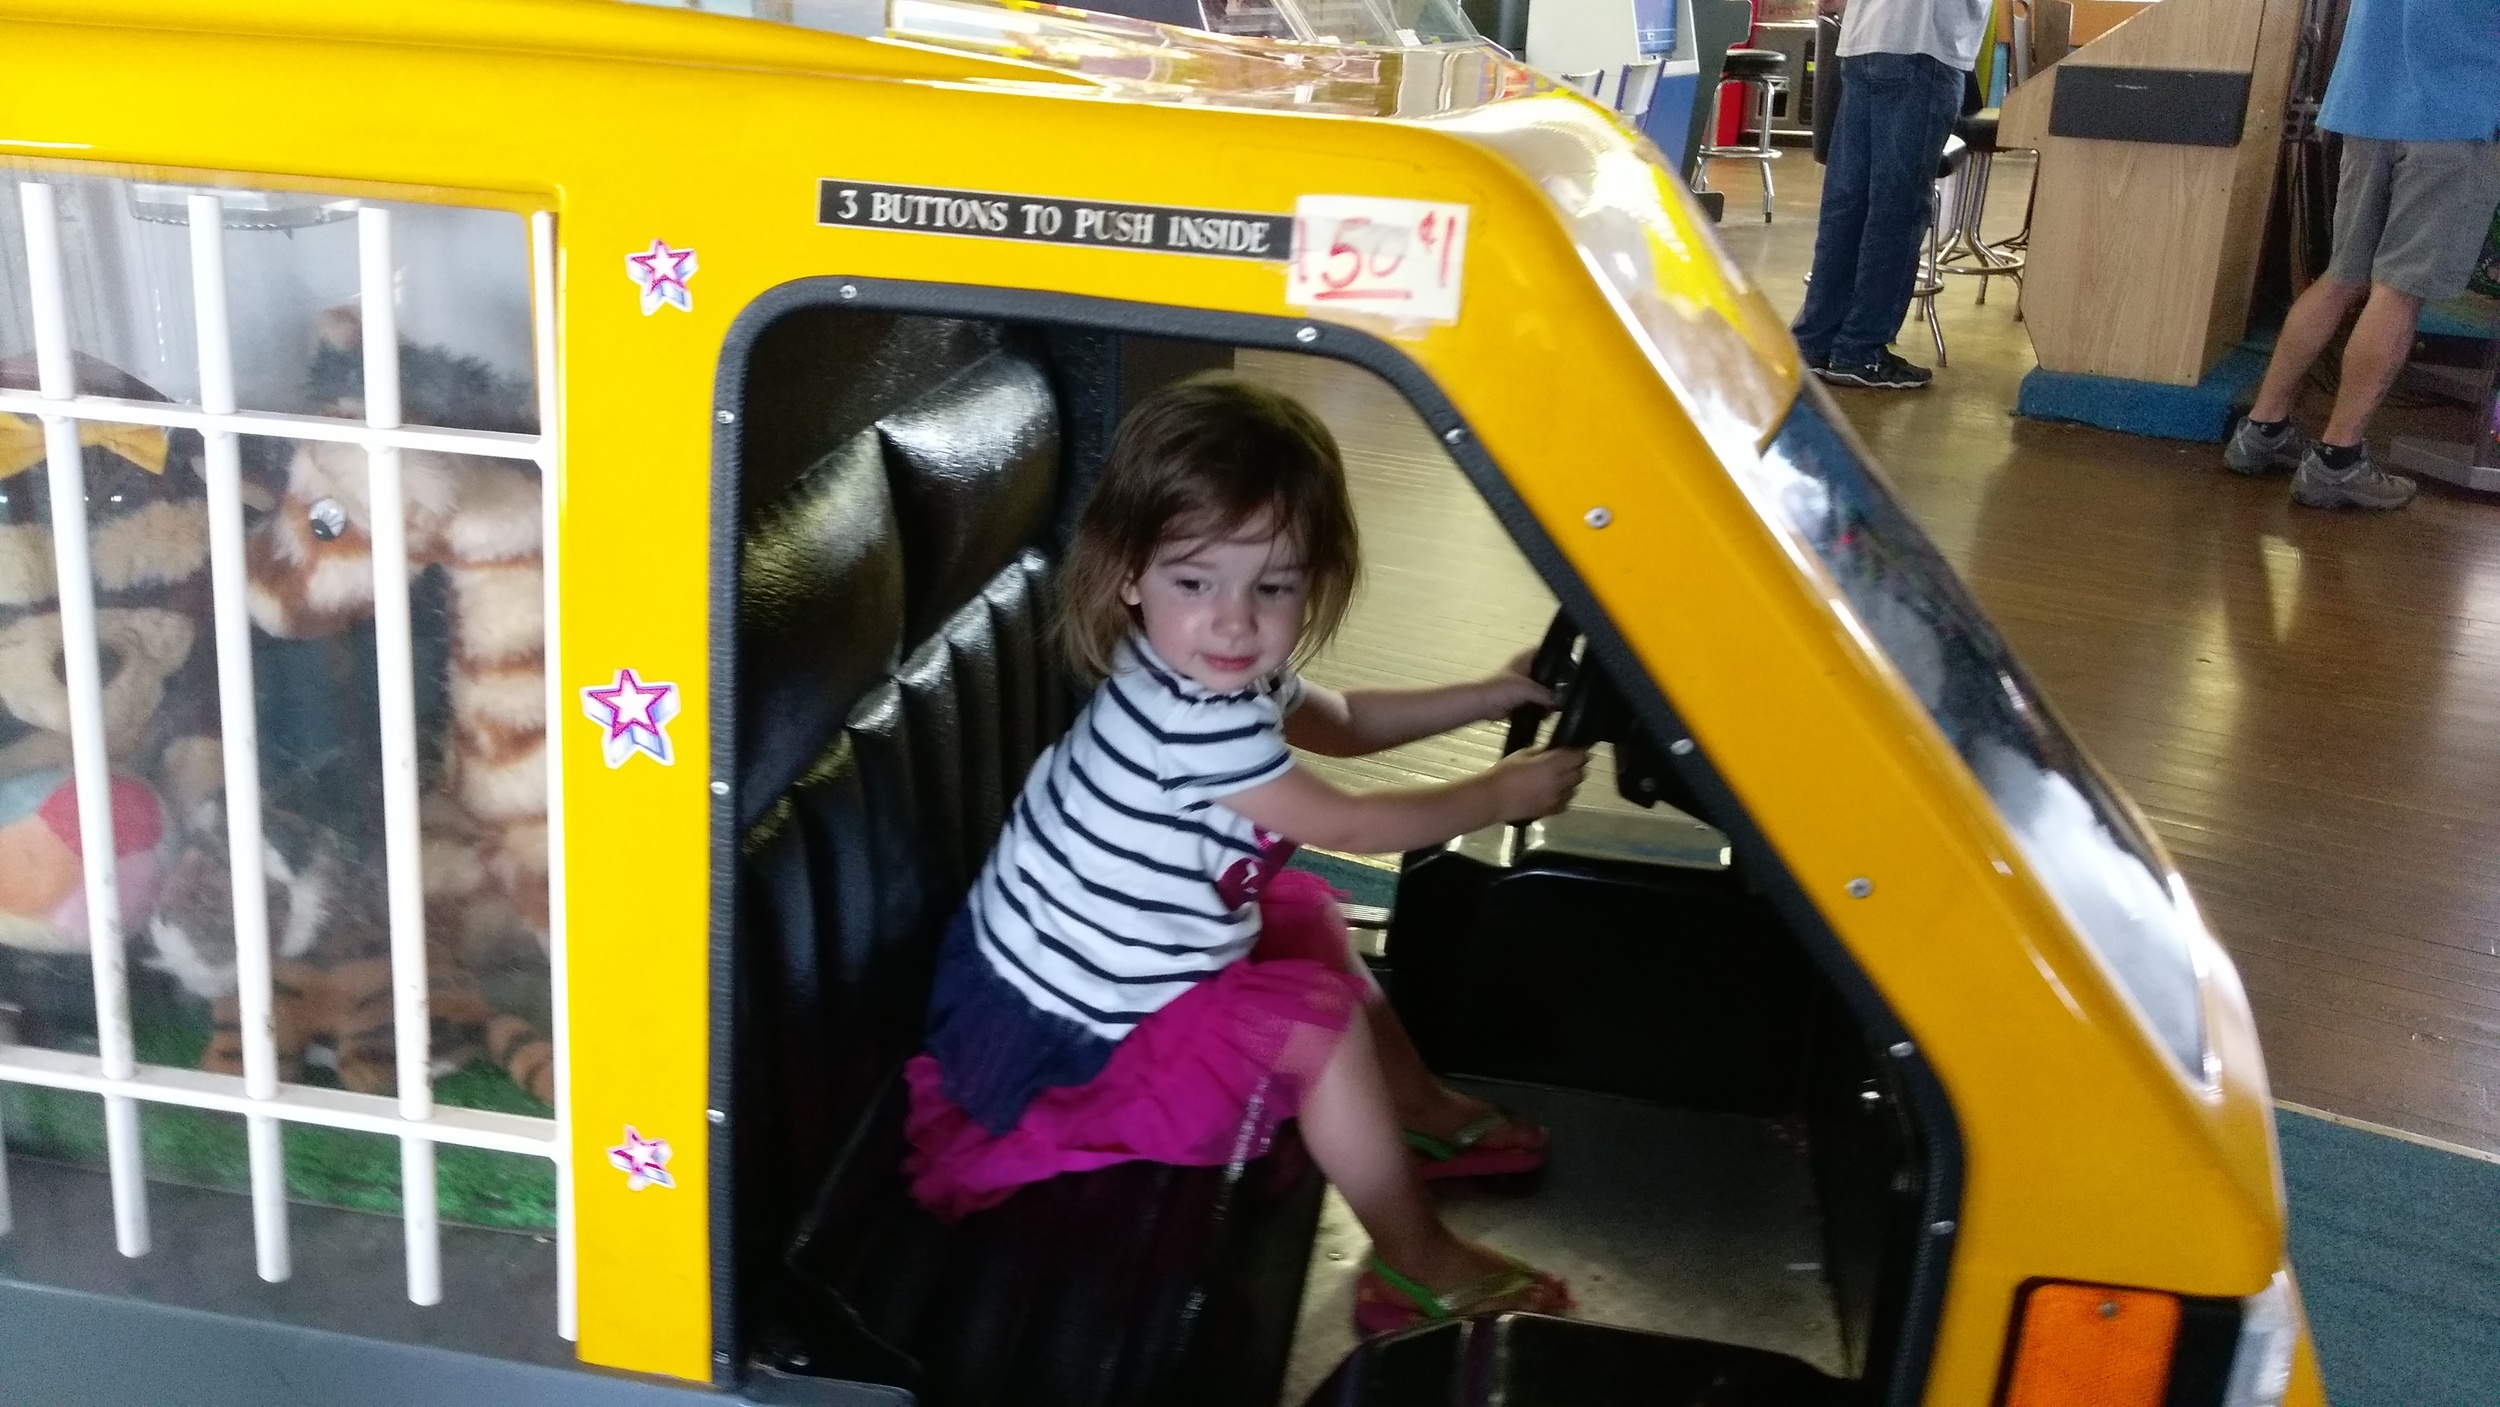 Creepy arcade ride